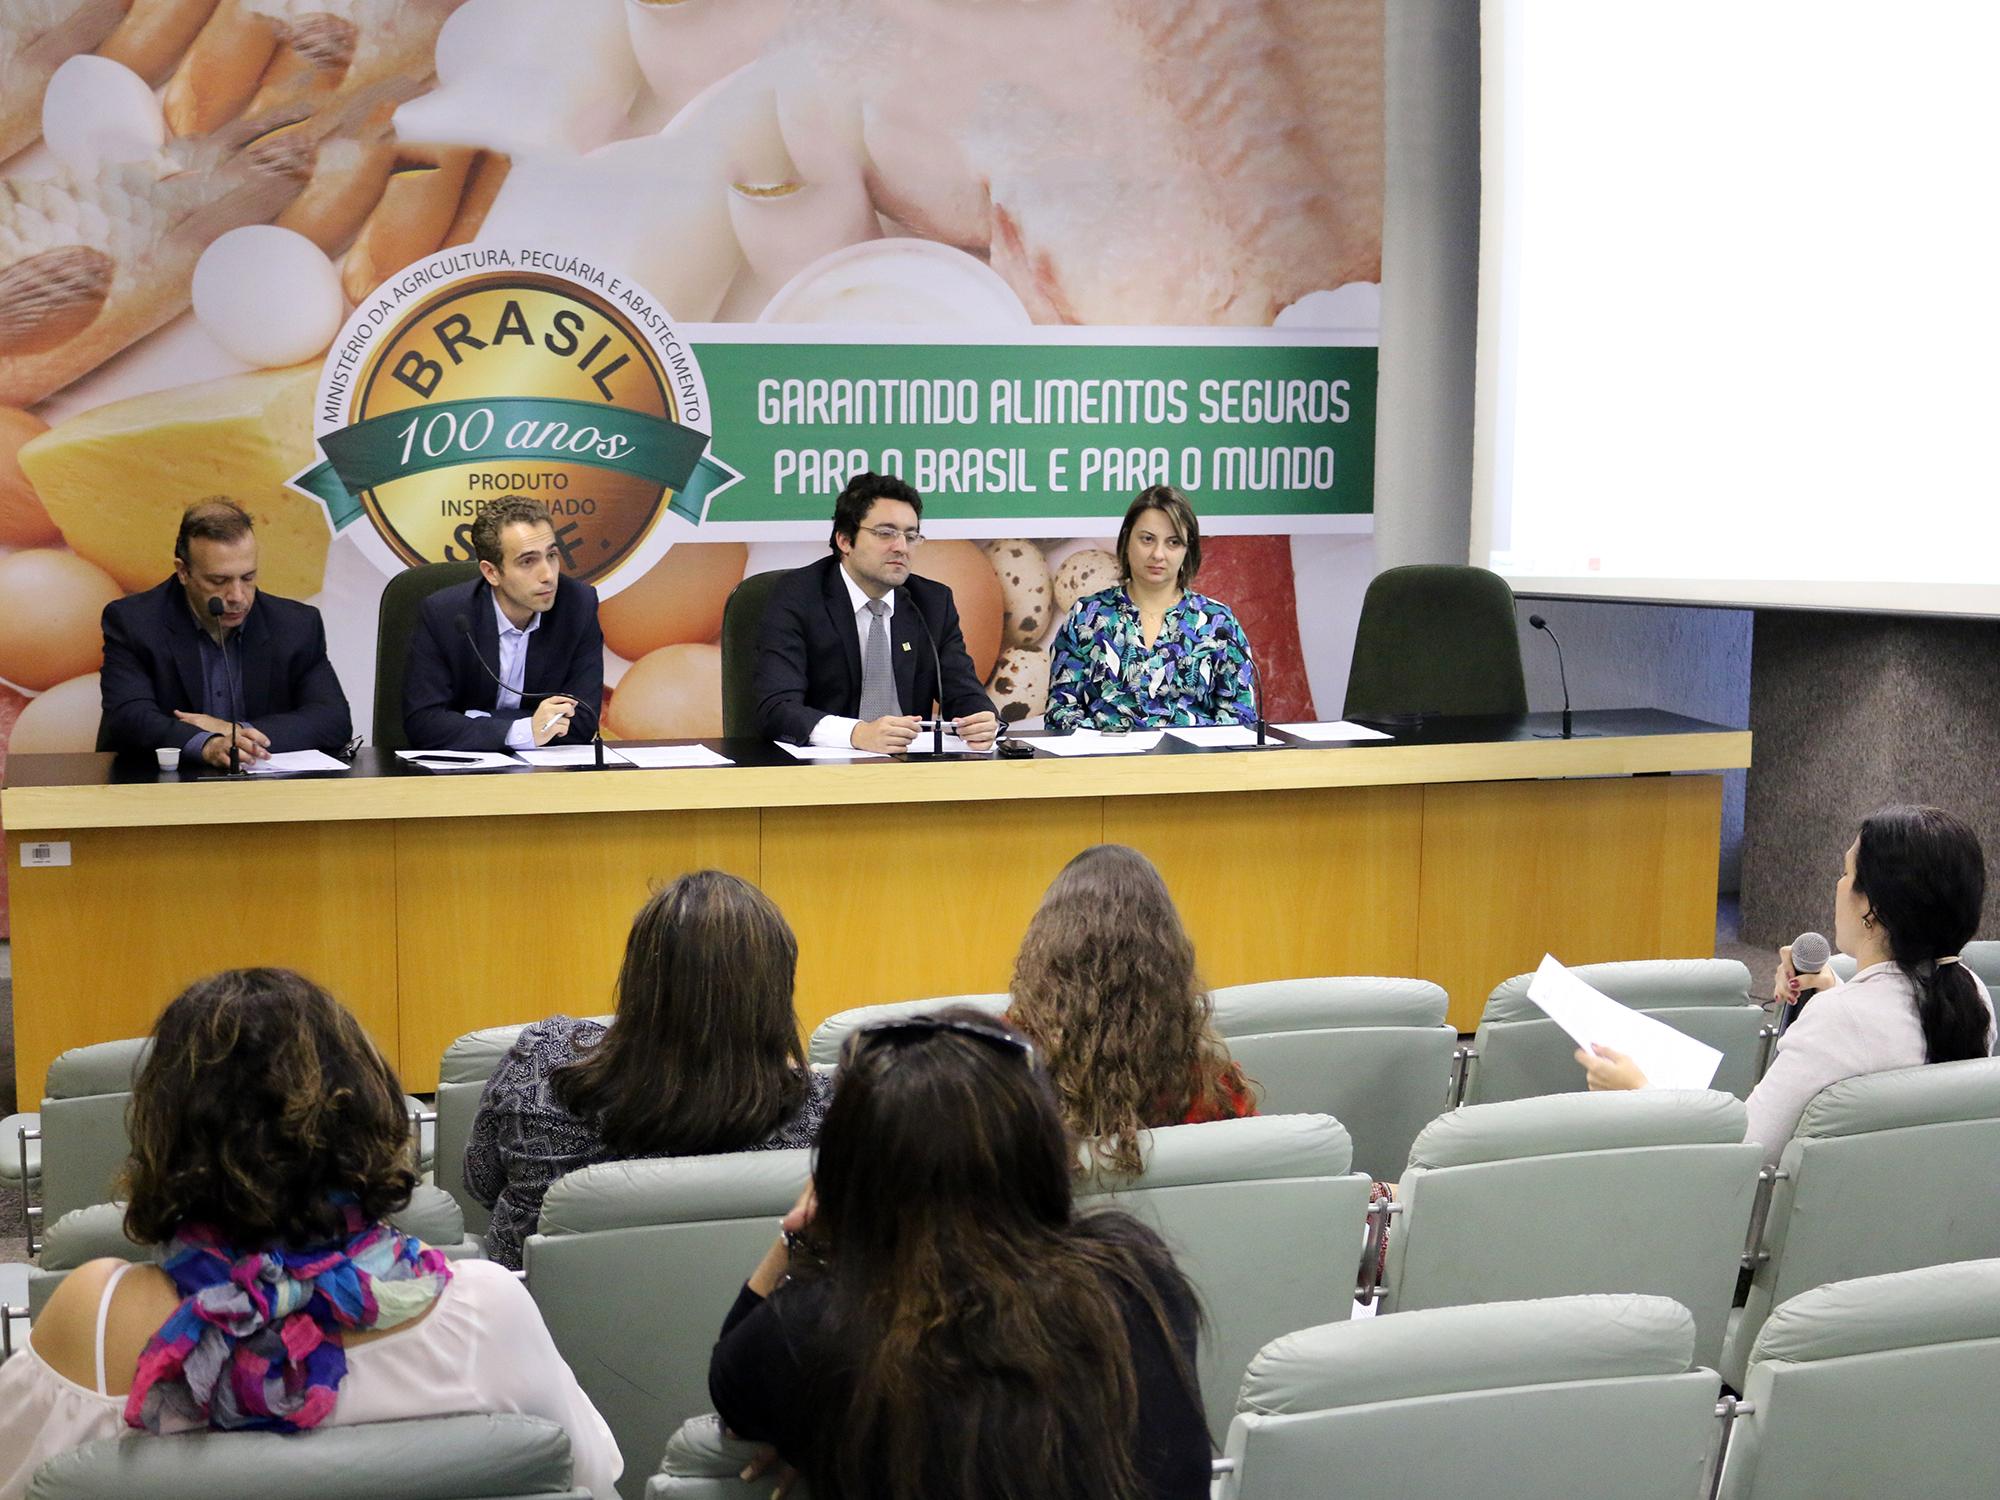 Associados se reuniram no auditório do Mapa. Foto: Filipe Calmon / ANESP